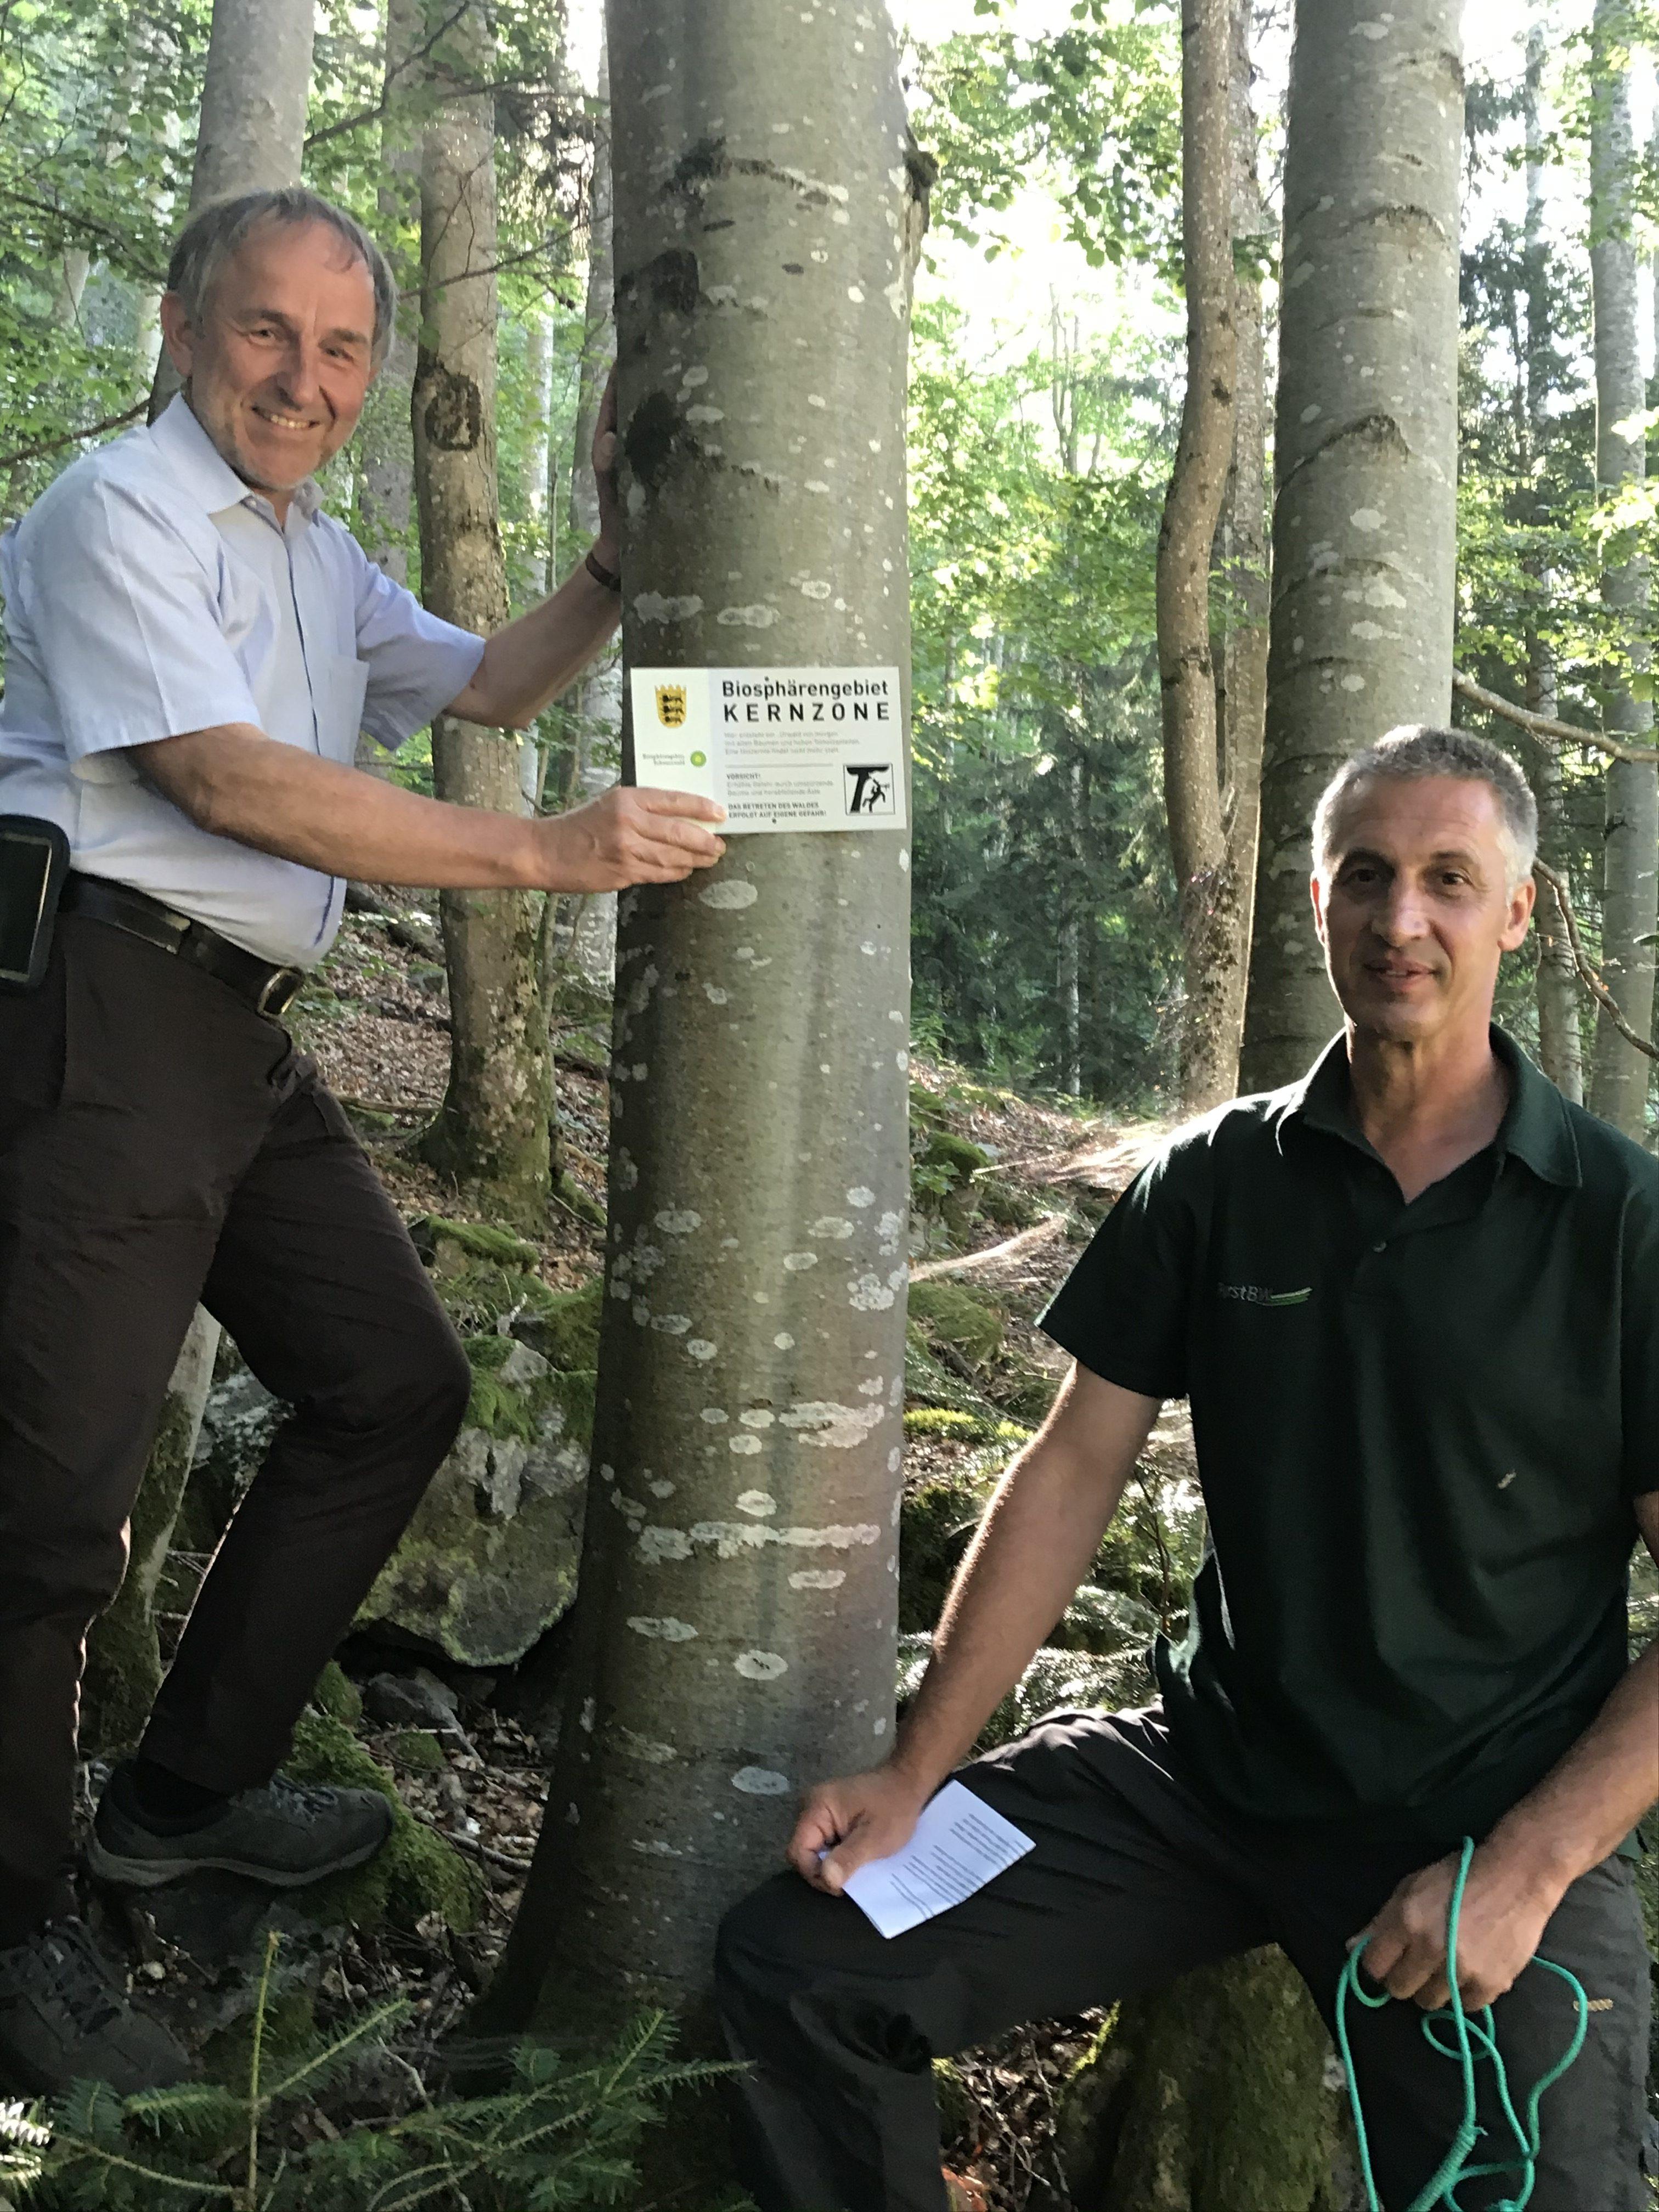 Kernzonen im Biosphärengebiet Schwarzwald: Erste Schilder hängen